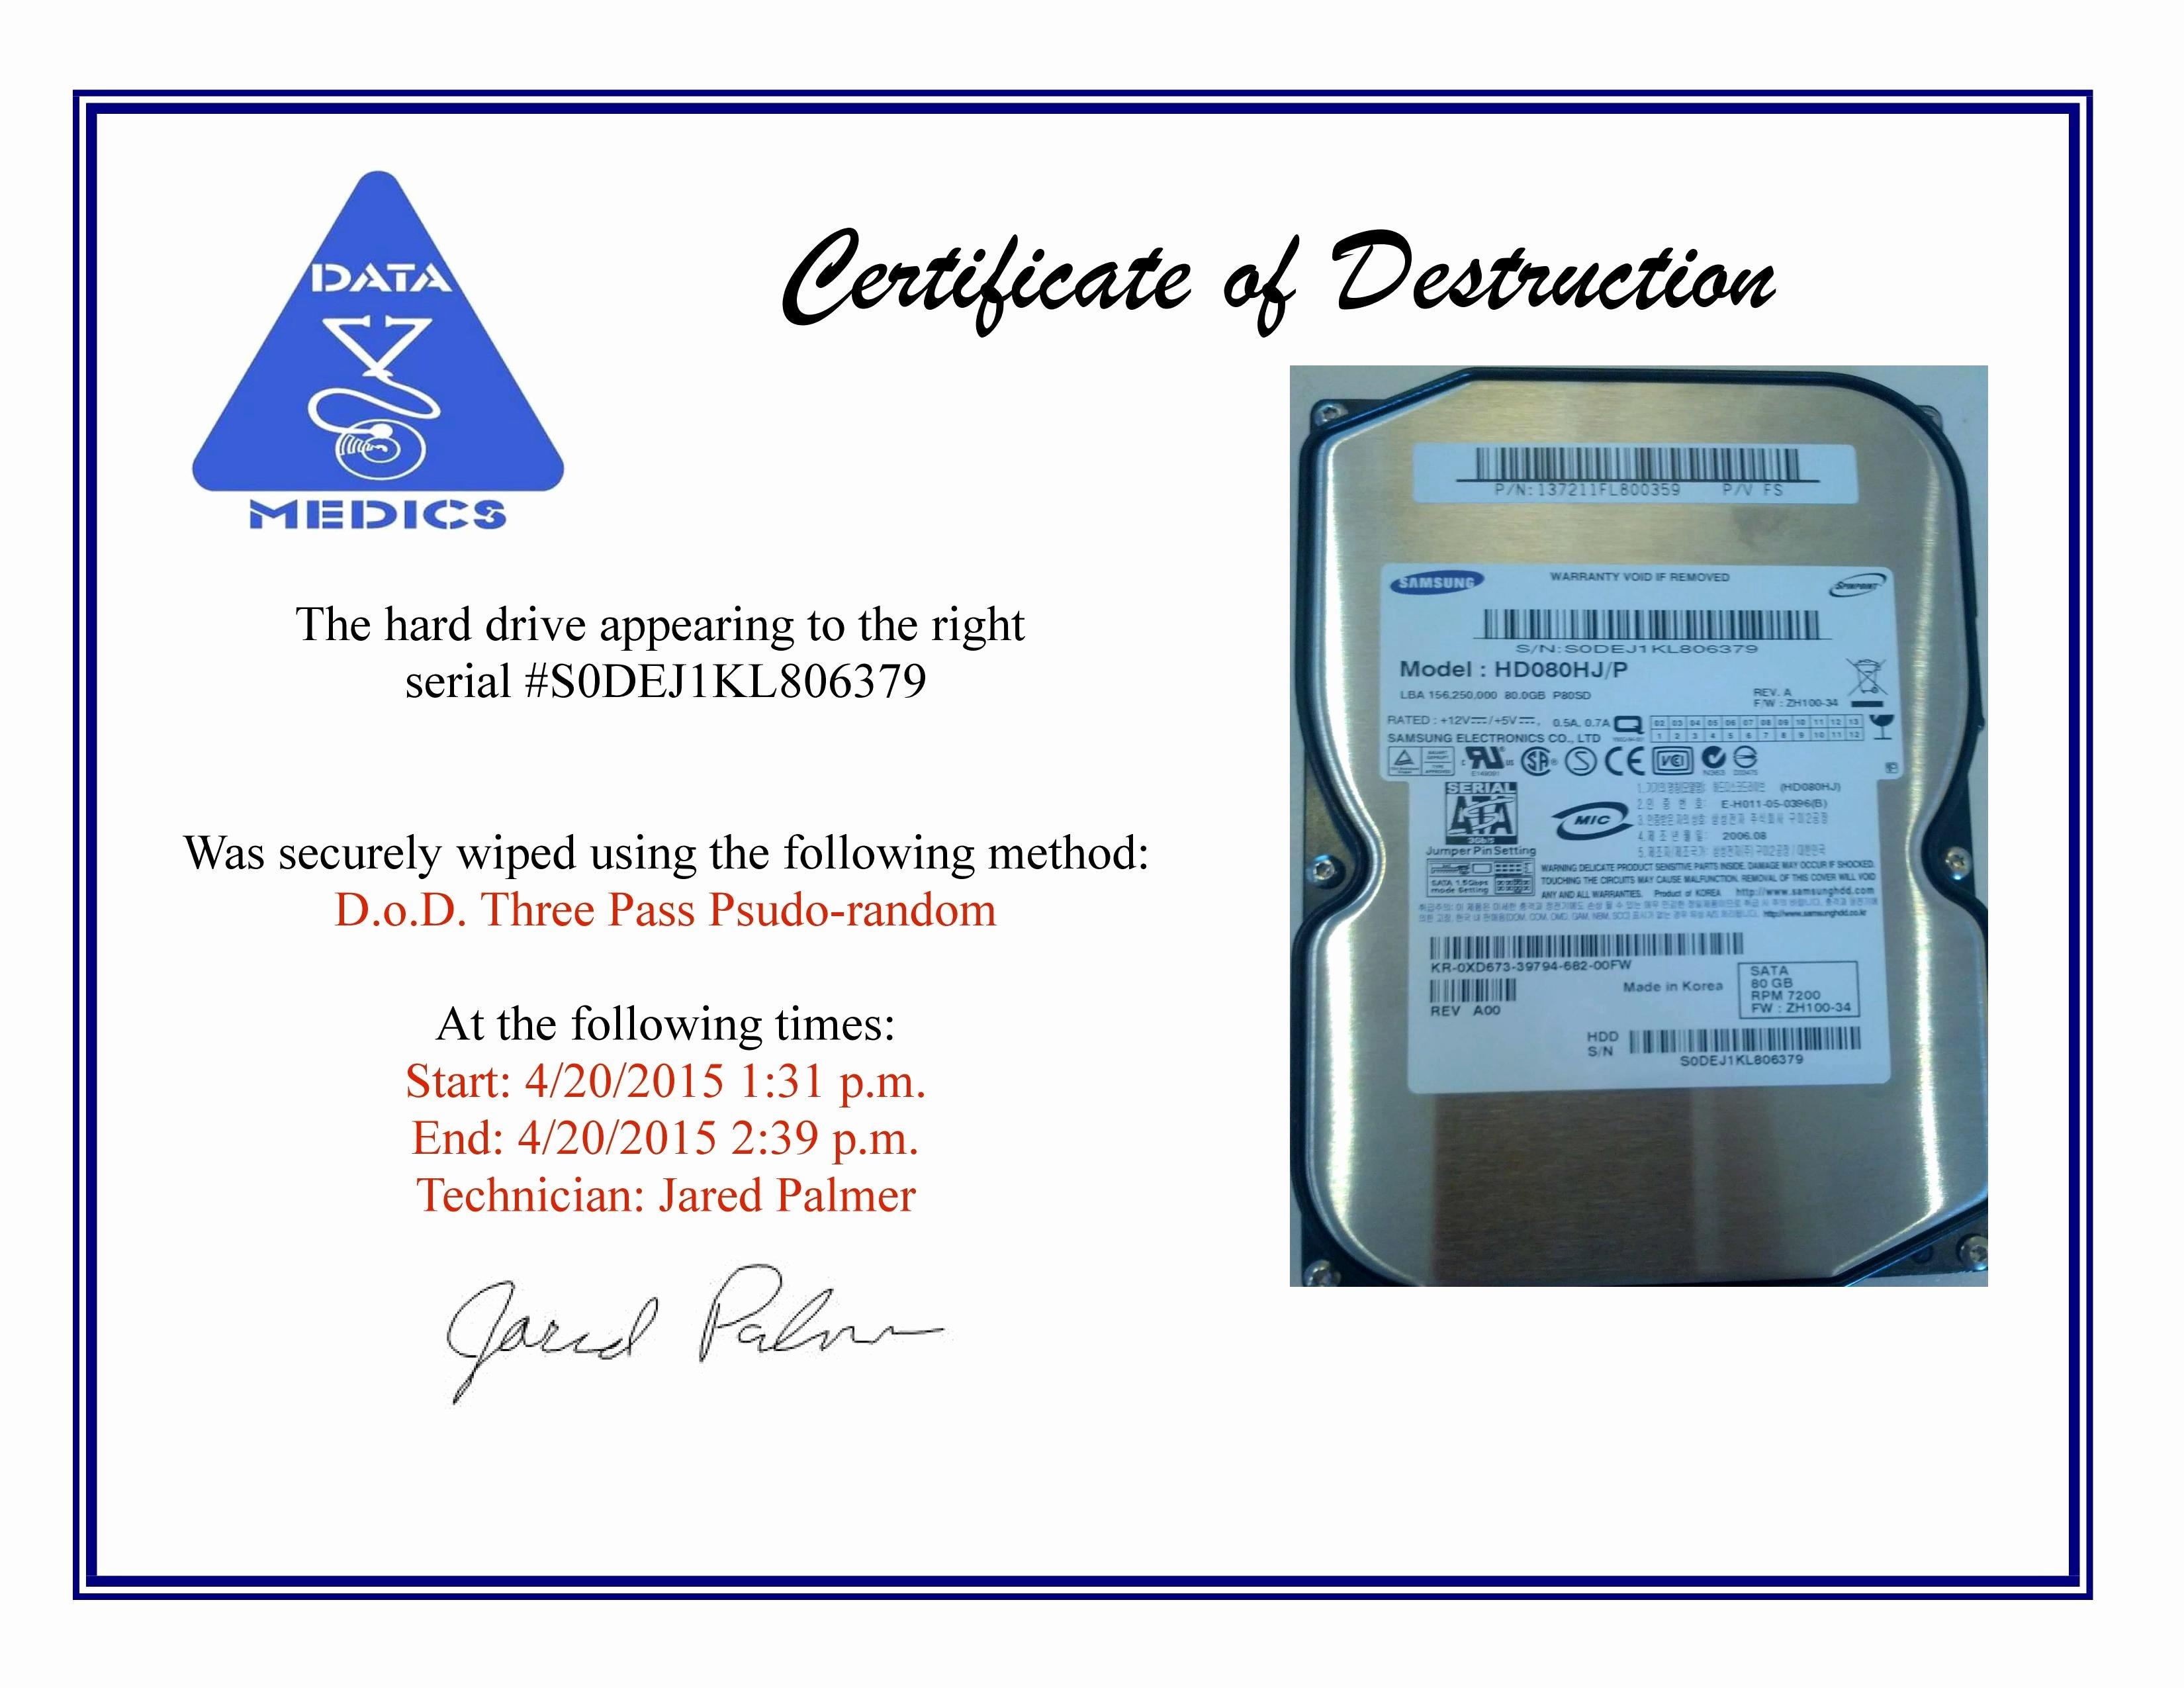 Hard Drive Destruction Certificate Template Best Of Certificate Destruction Template Word Example as An